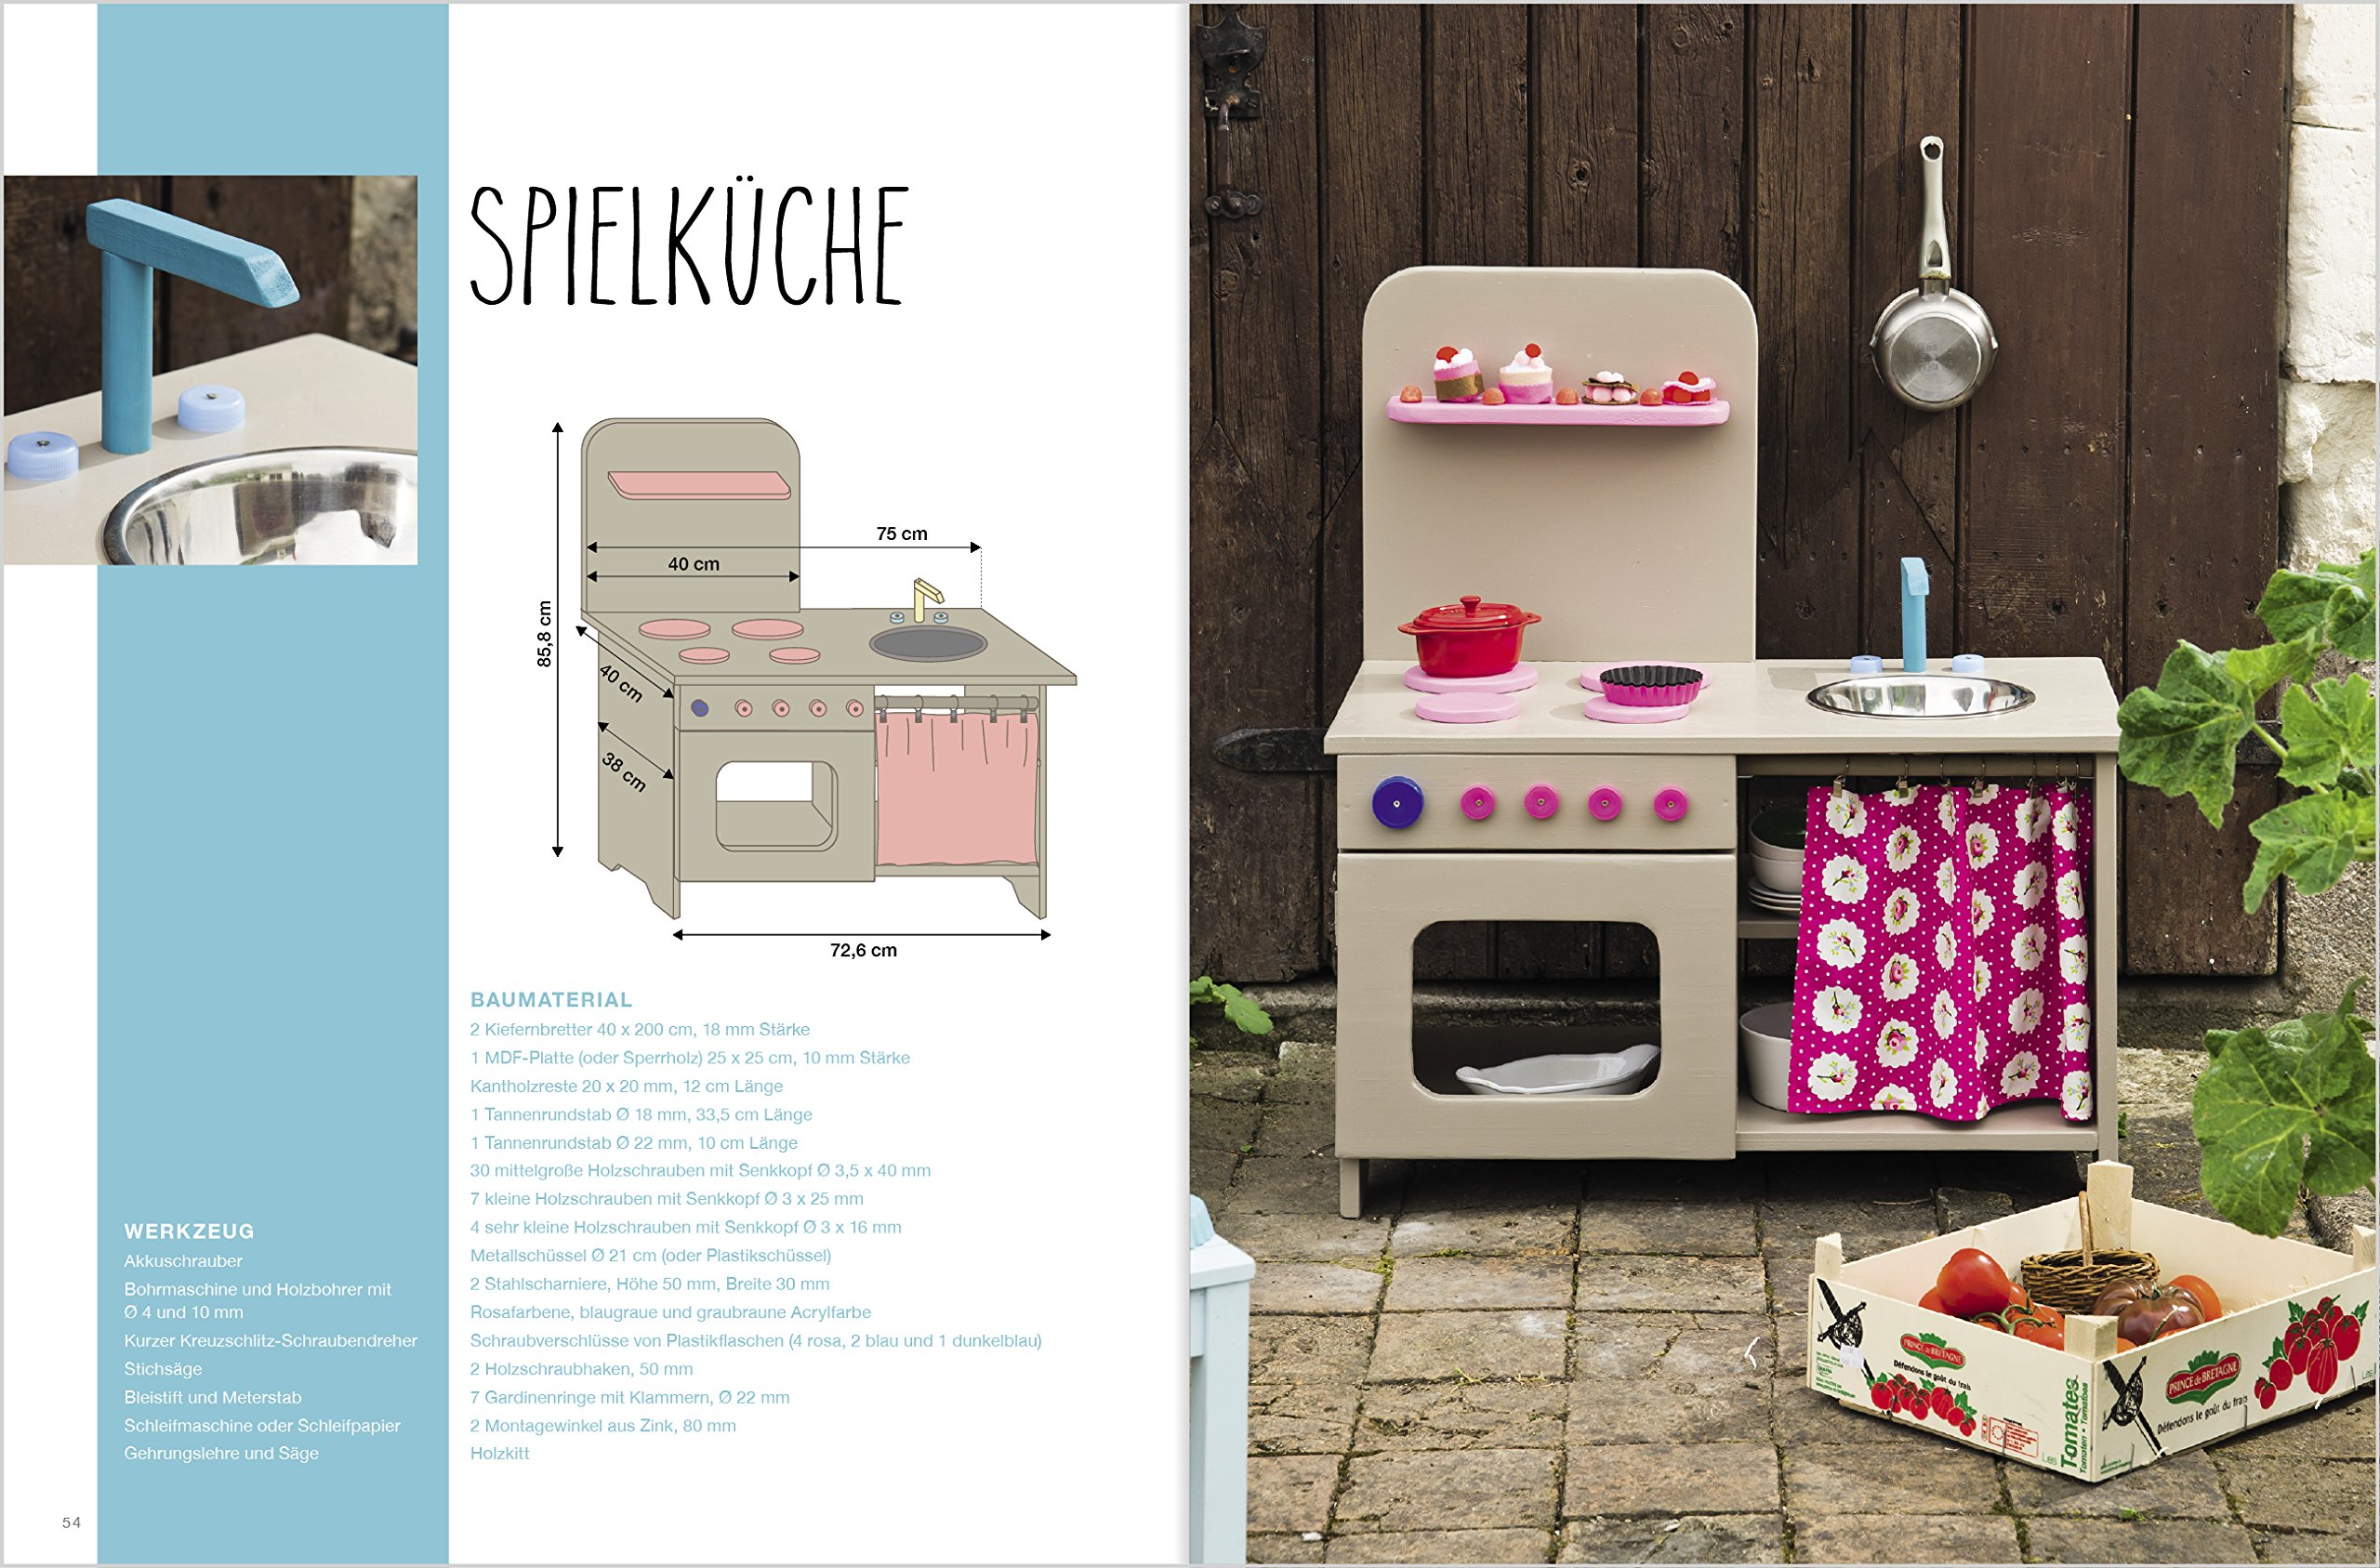 Outdoor Küche Für Kinder Selber Machen : Outdoor küche kinder selber bauen glasbilder küche ikea holz